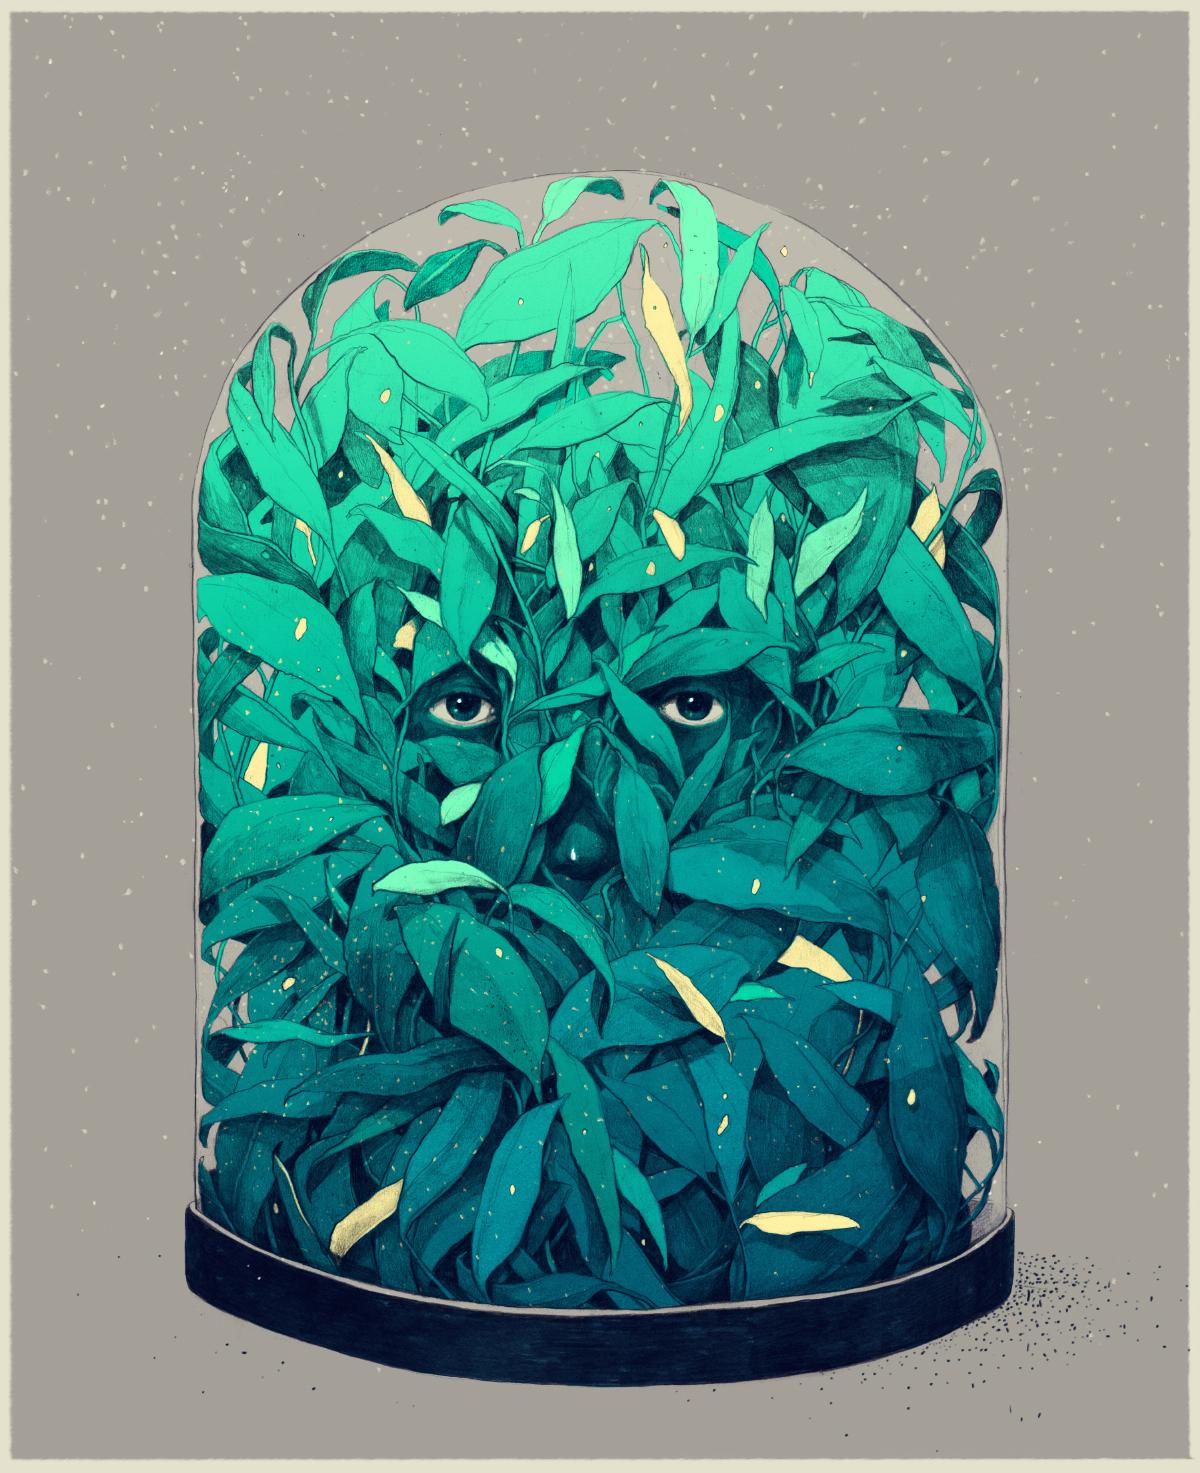 Необычные и сюрреалистические иллюстрации  художника Simón Prades